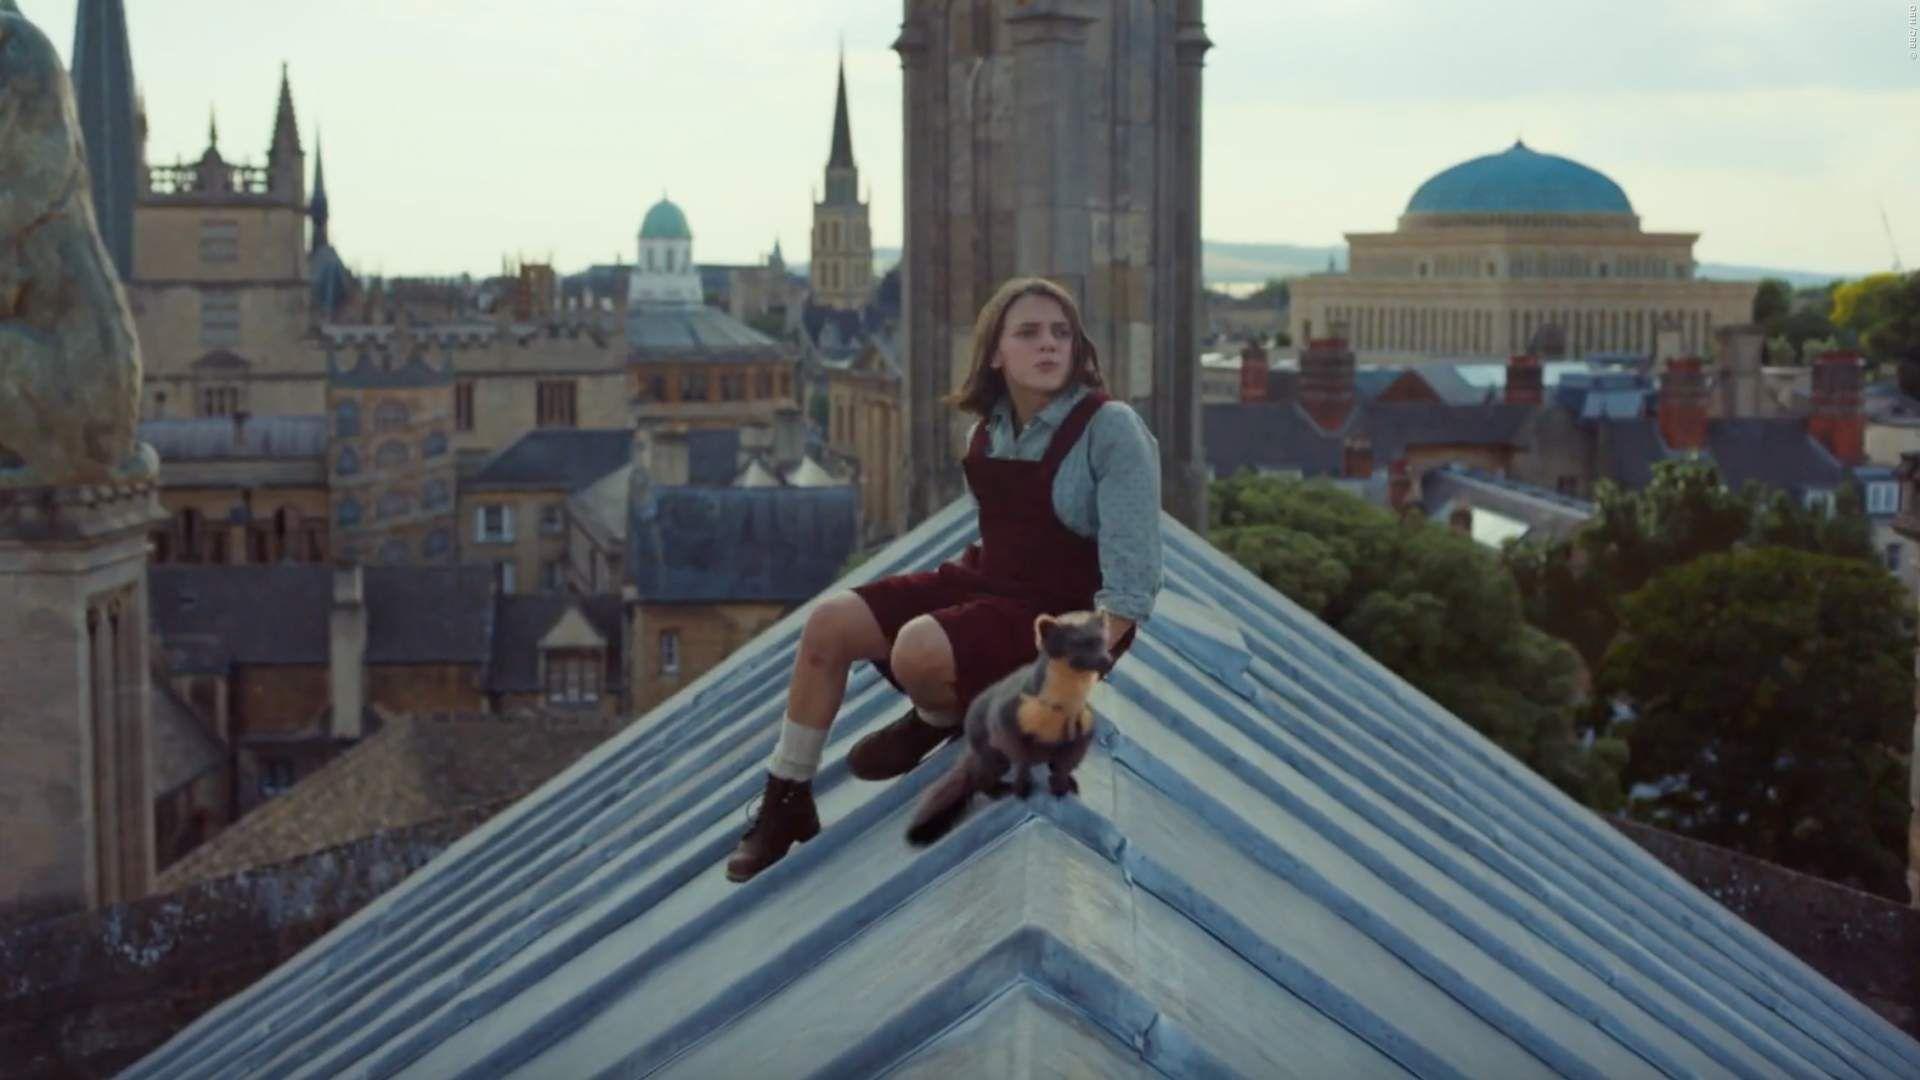 MAGISCH: Neuer Trailer zur Serie 'His Dark Materials' - Mittelerde trifft Narnia